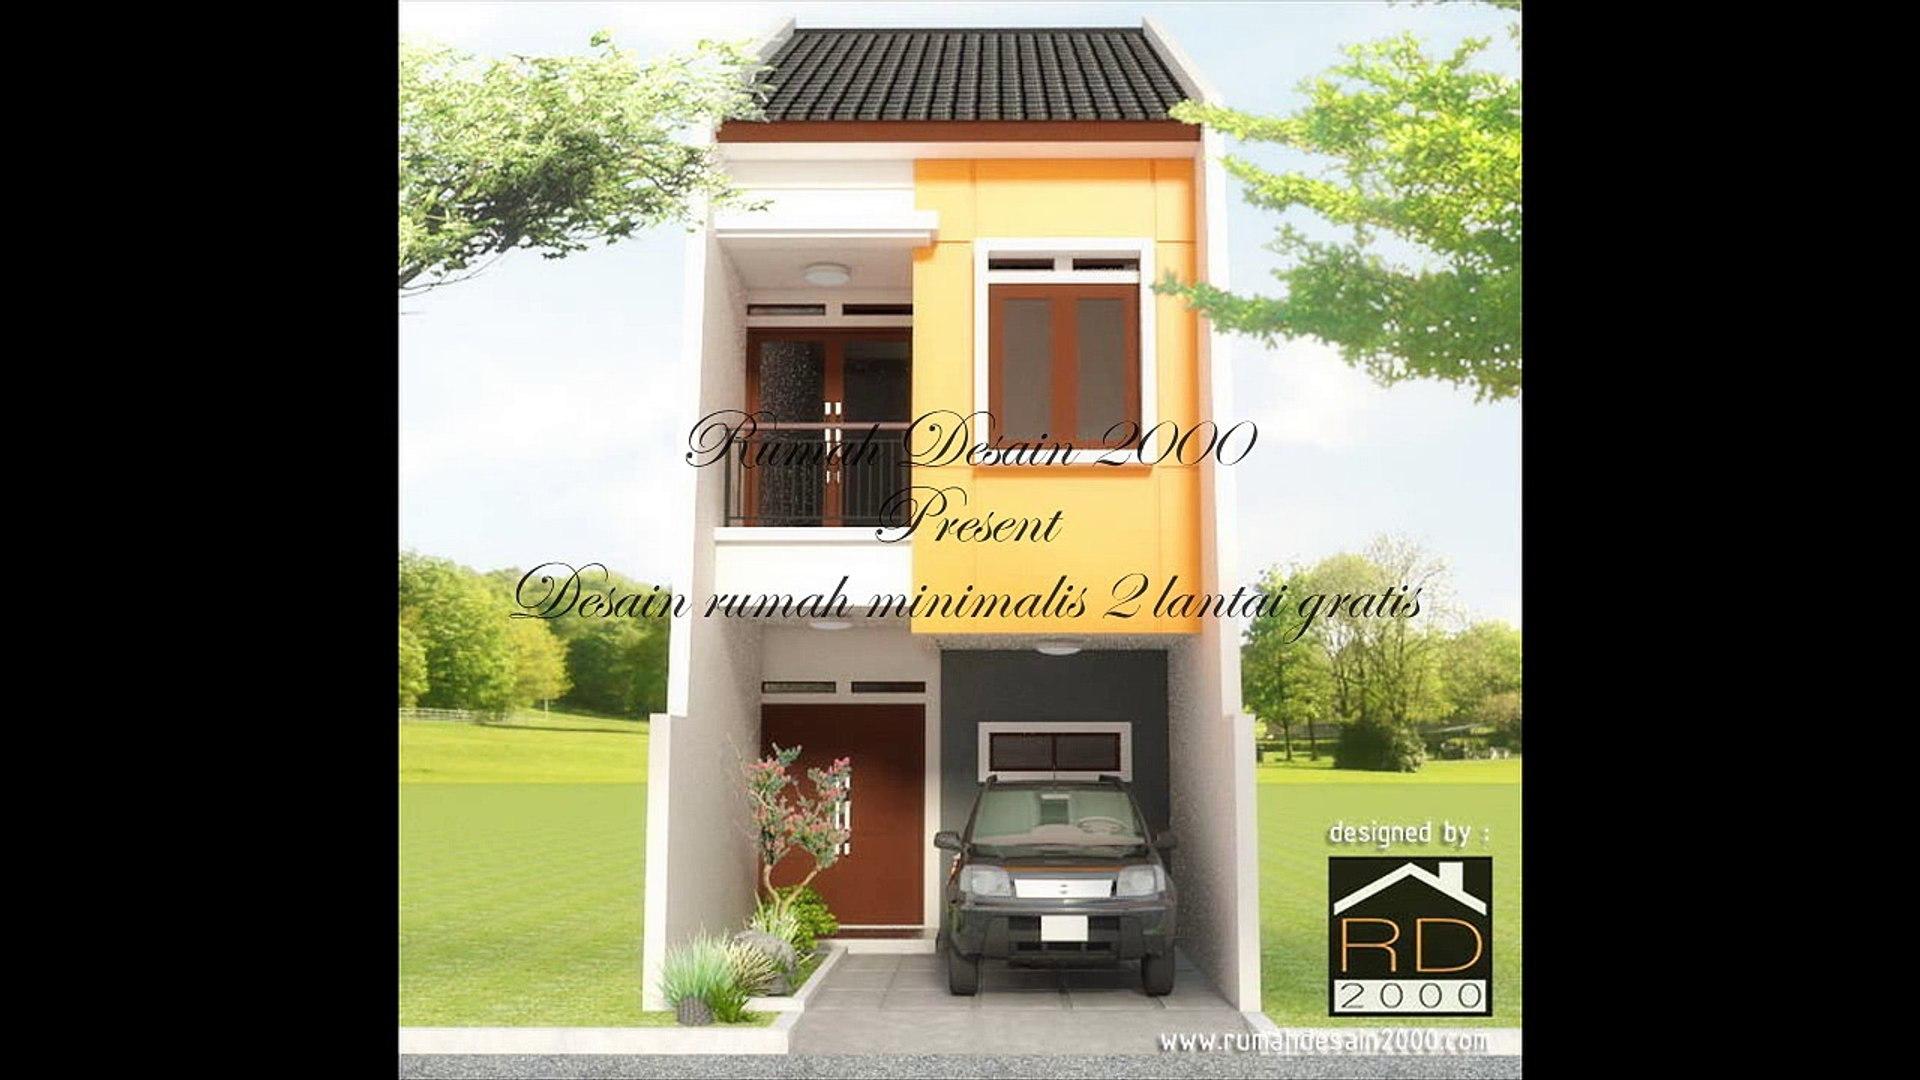 Desain minimalis 2 lantai gratis Rumah Desain 2000